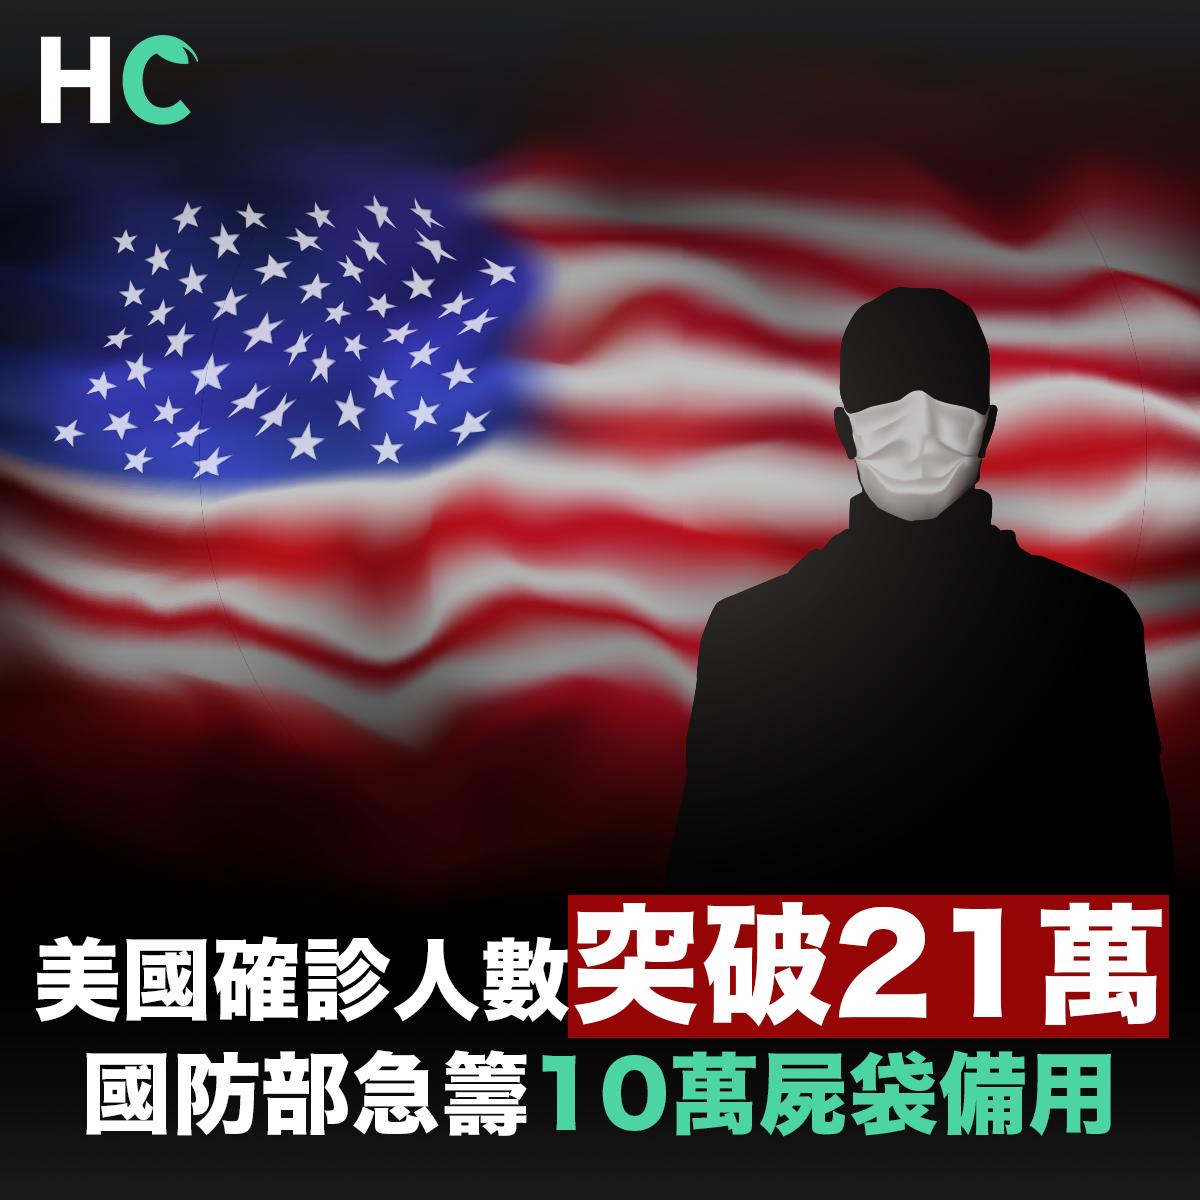 【#武漢肺炎】美國確診人數突破21萬 國防部急籌10萬屍袋備用